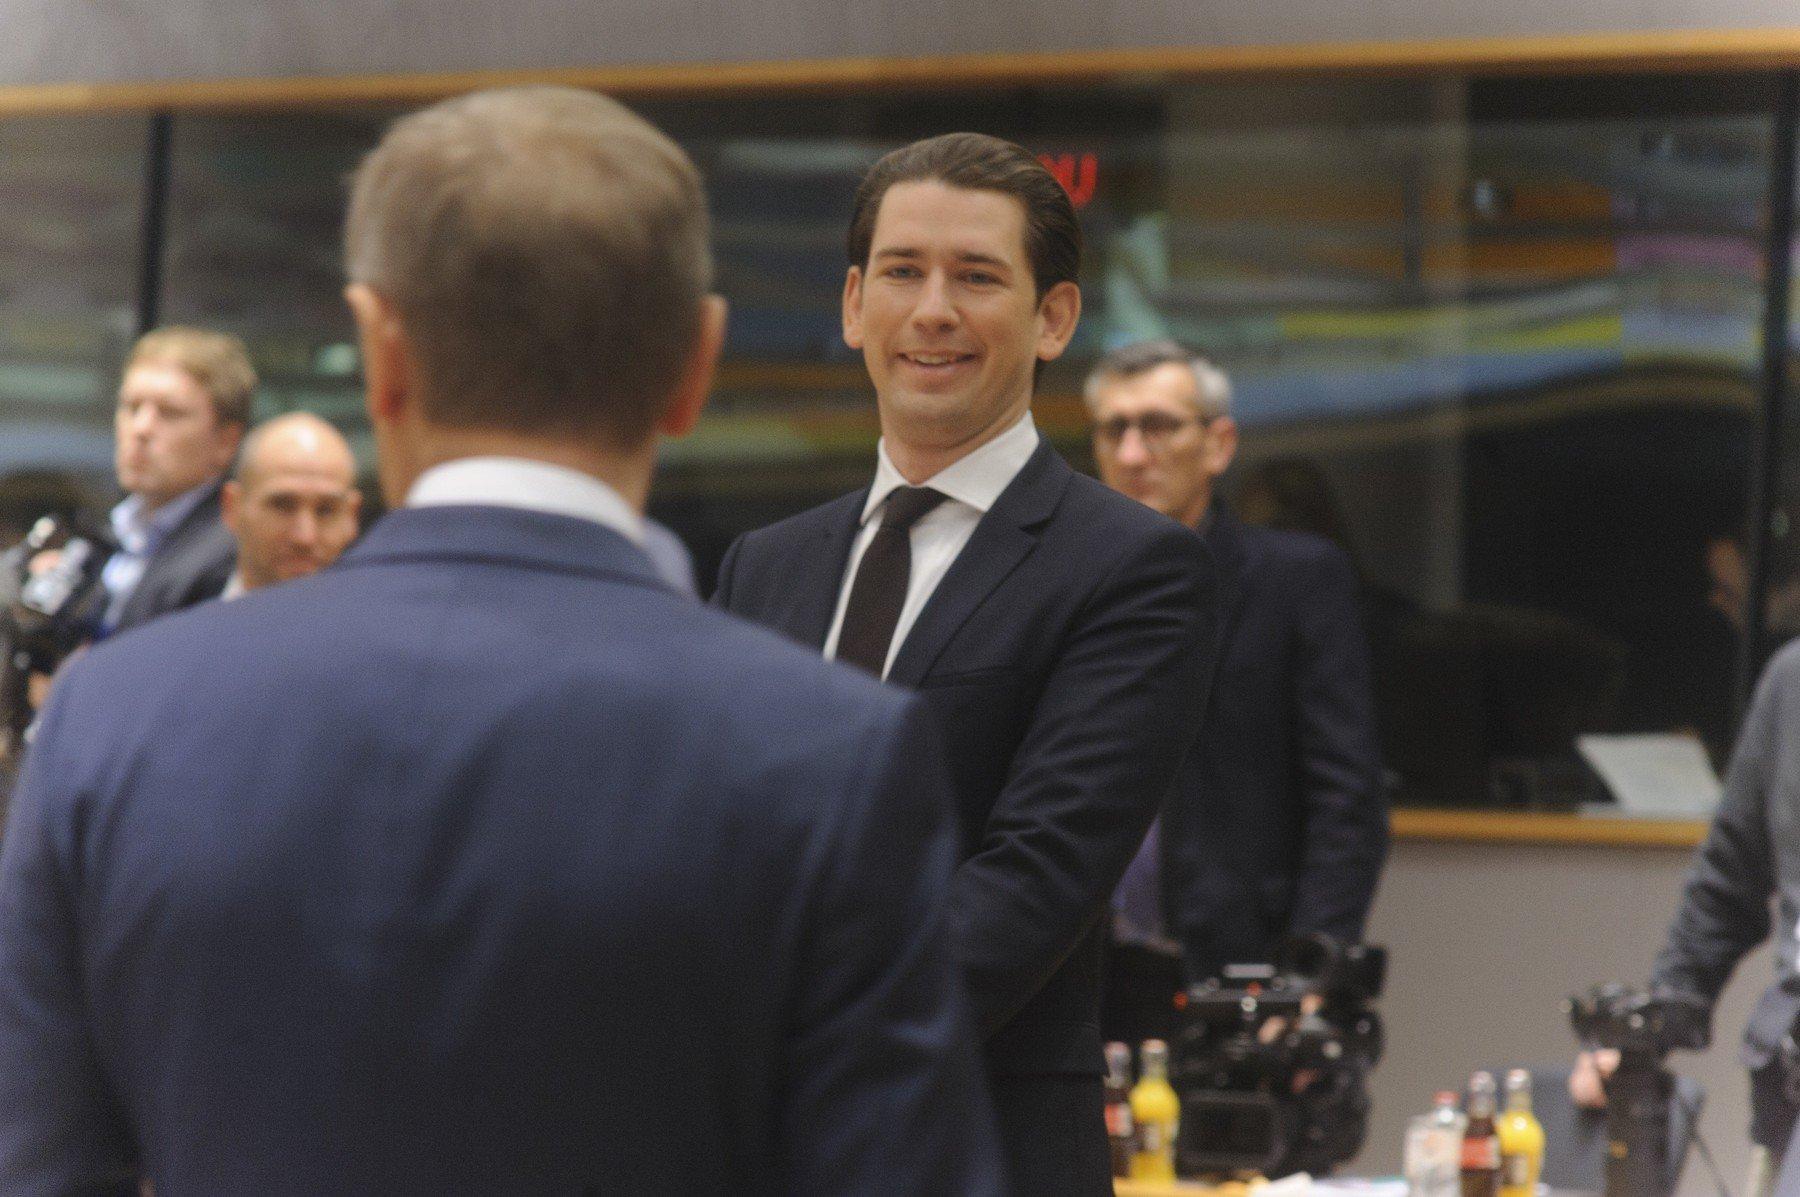 Rakouský kancléř Sebastian Kurz pěstuje svůj obraz evropského státníka nové generace